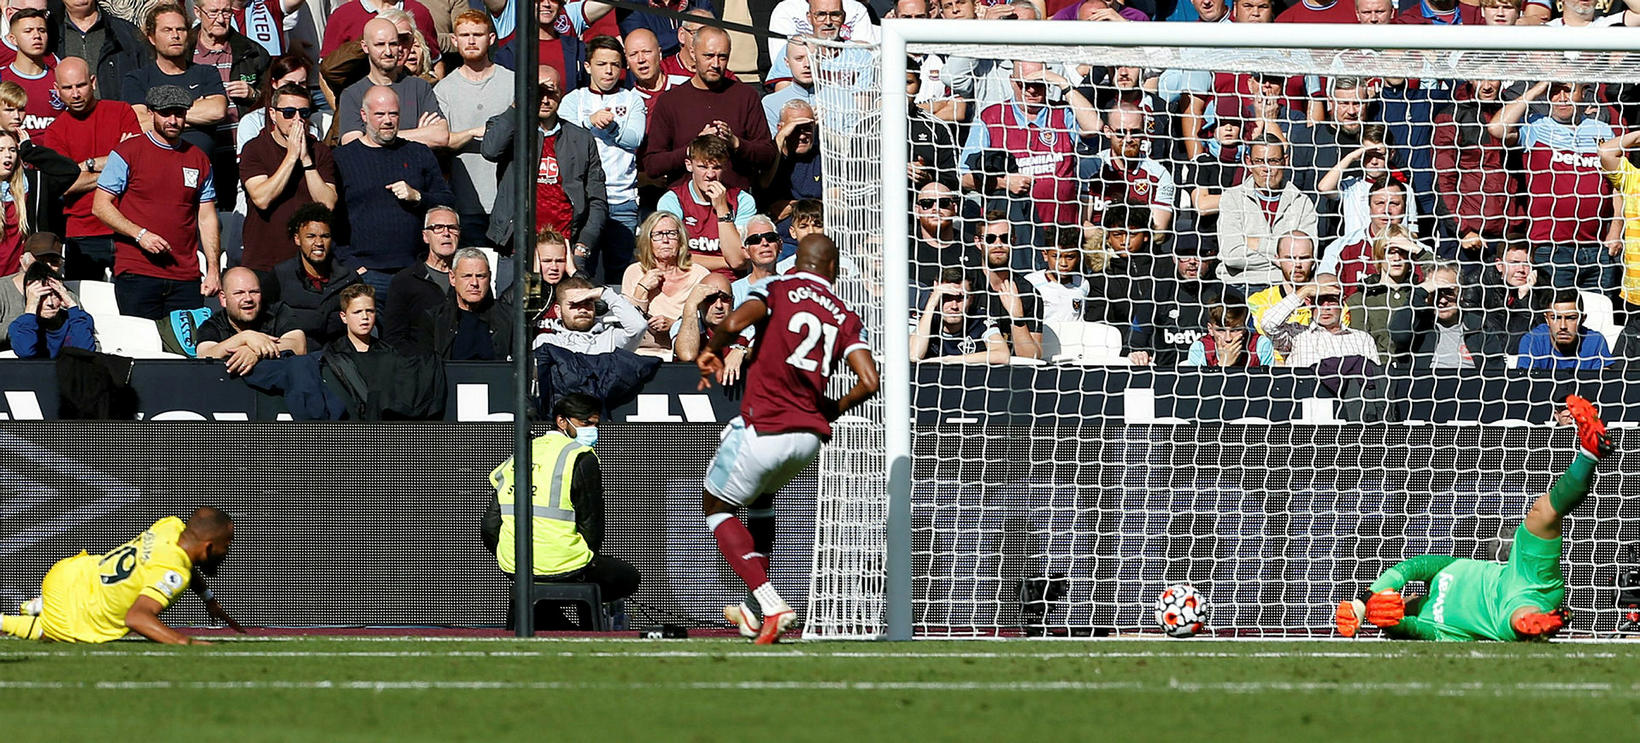 Bryan Mbeumo kemur Brentford yfir gegn West Ham í dag.